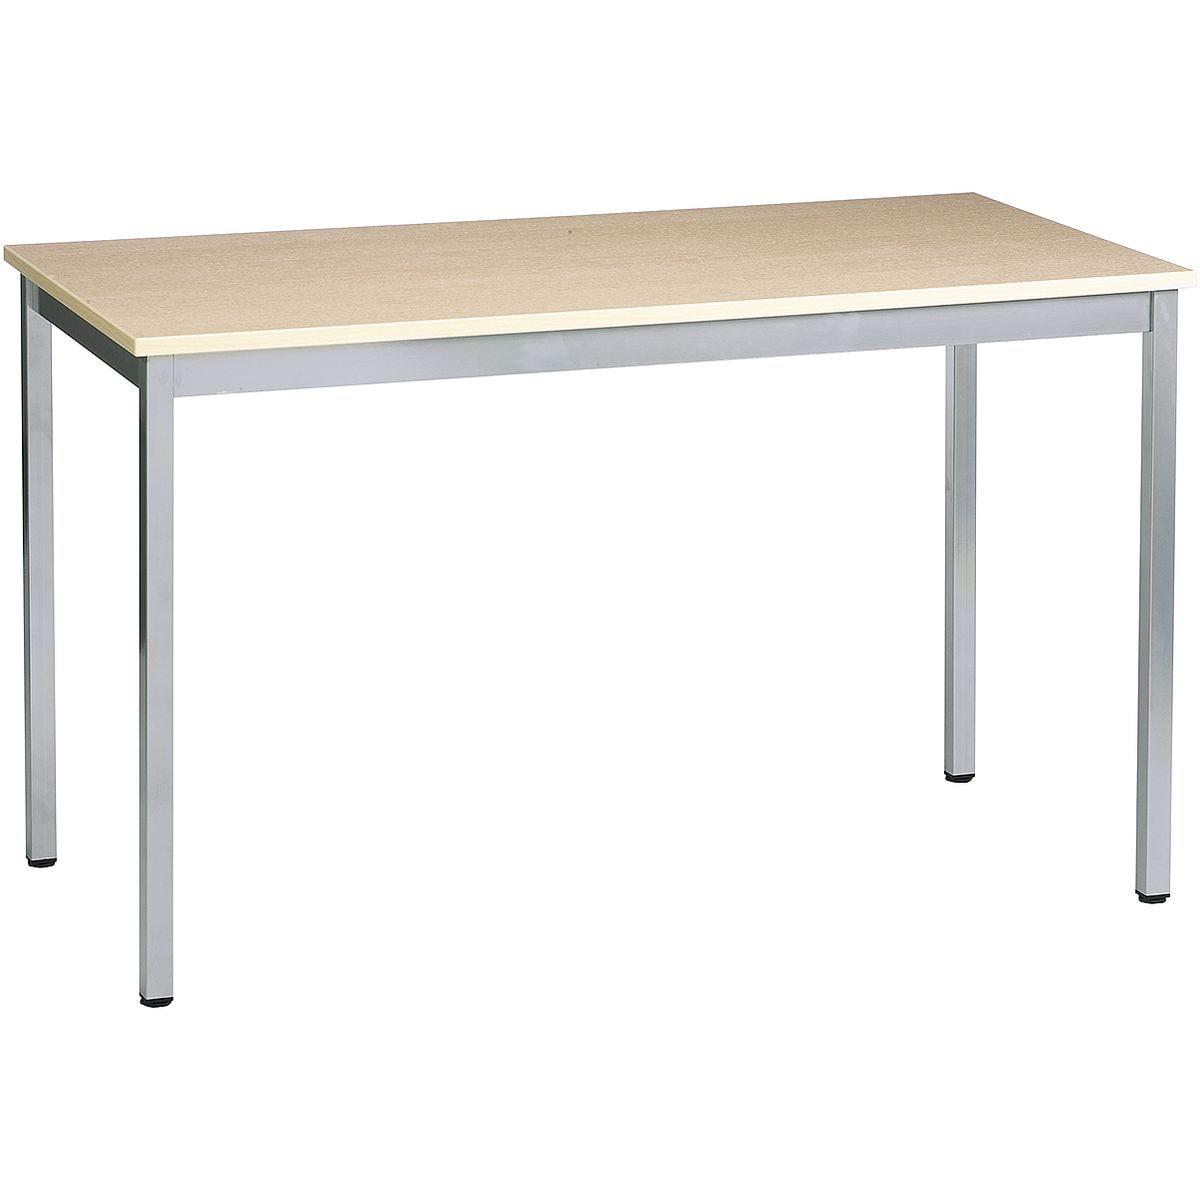 schreibtisch universaltischprogramm 120 cm 4 fu bei otto office g nstig kaufen. Black Bedroom Furniture Sets. Home Design Ideas